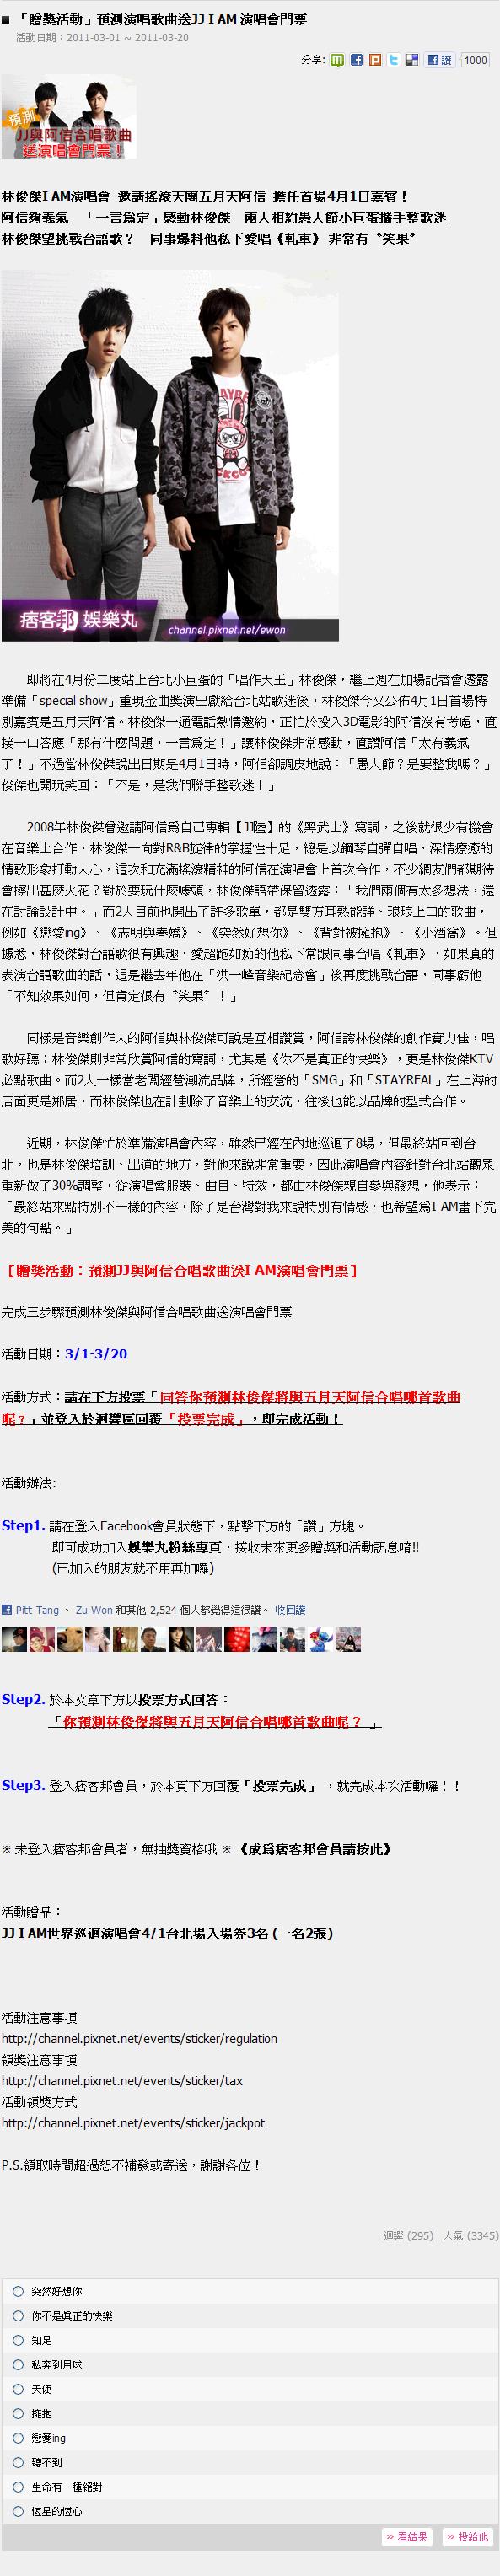 好康送 - 「贈獎活動」預測演唱歌曲送JJ I AM 演唱會門票 娛樂丸 痞客邦 PIXNET.png